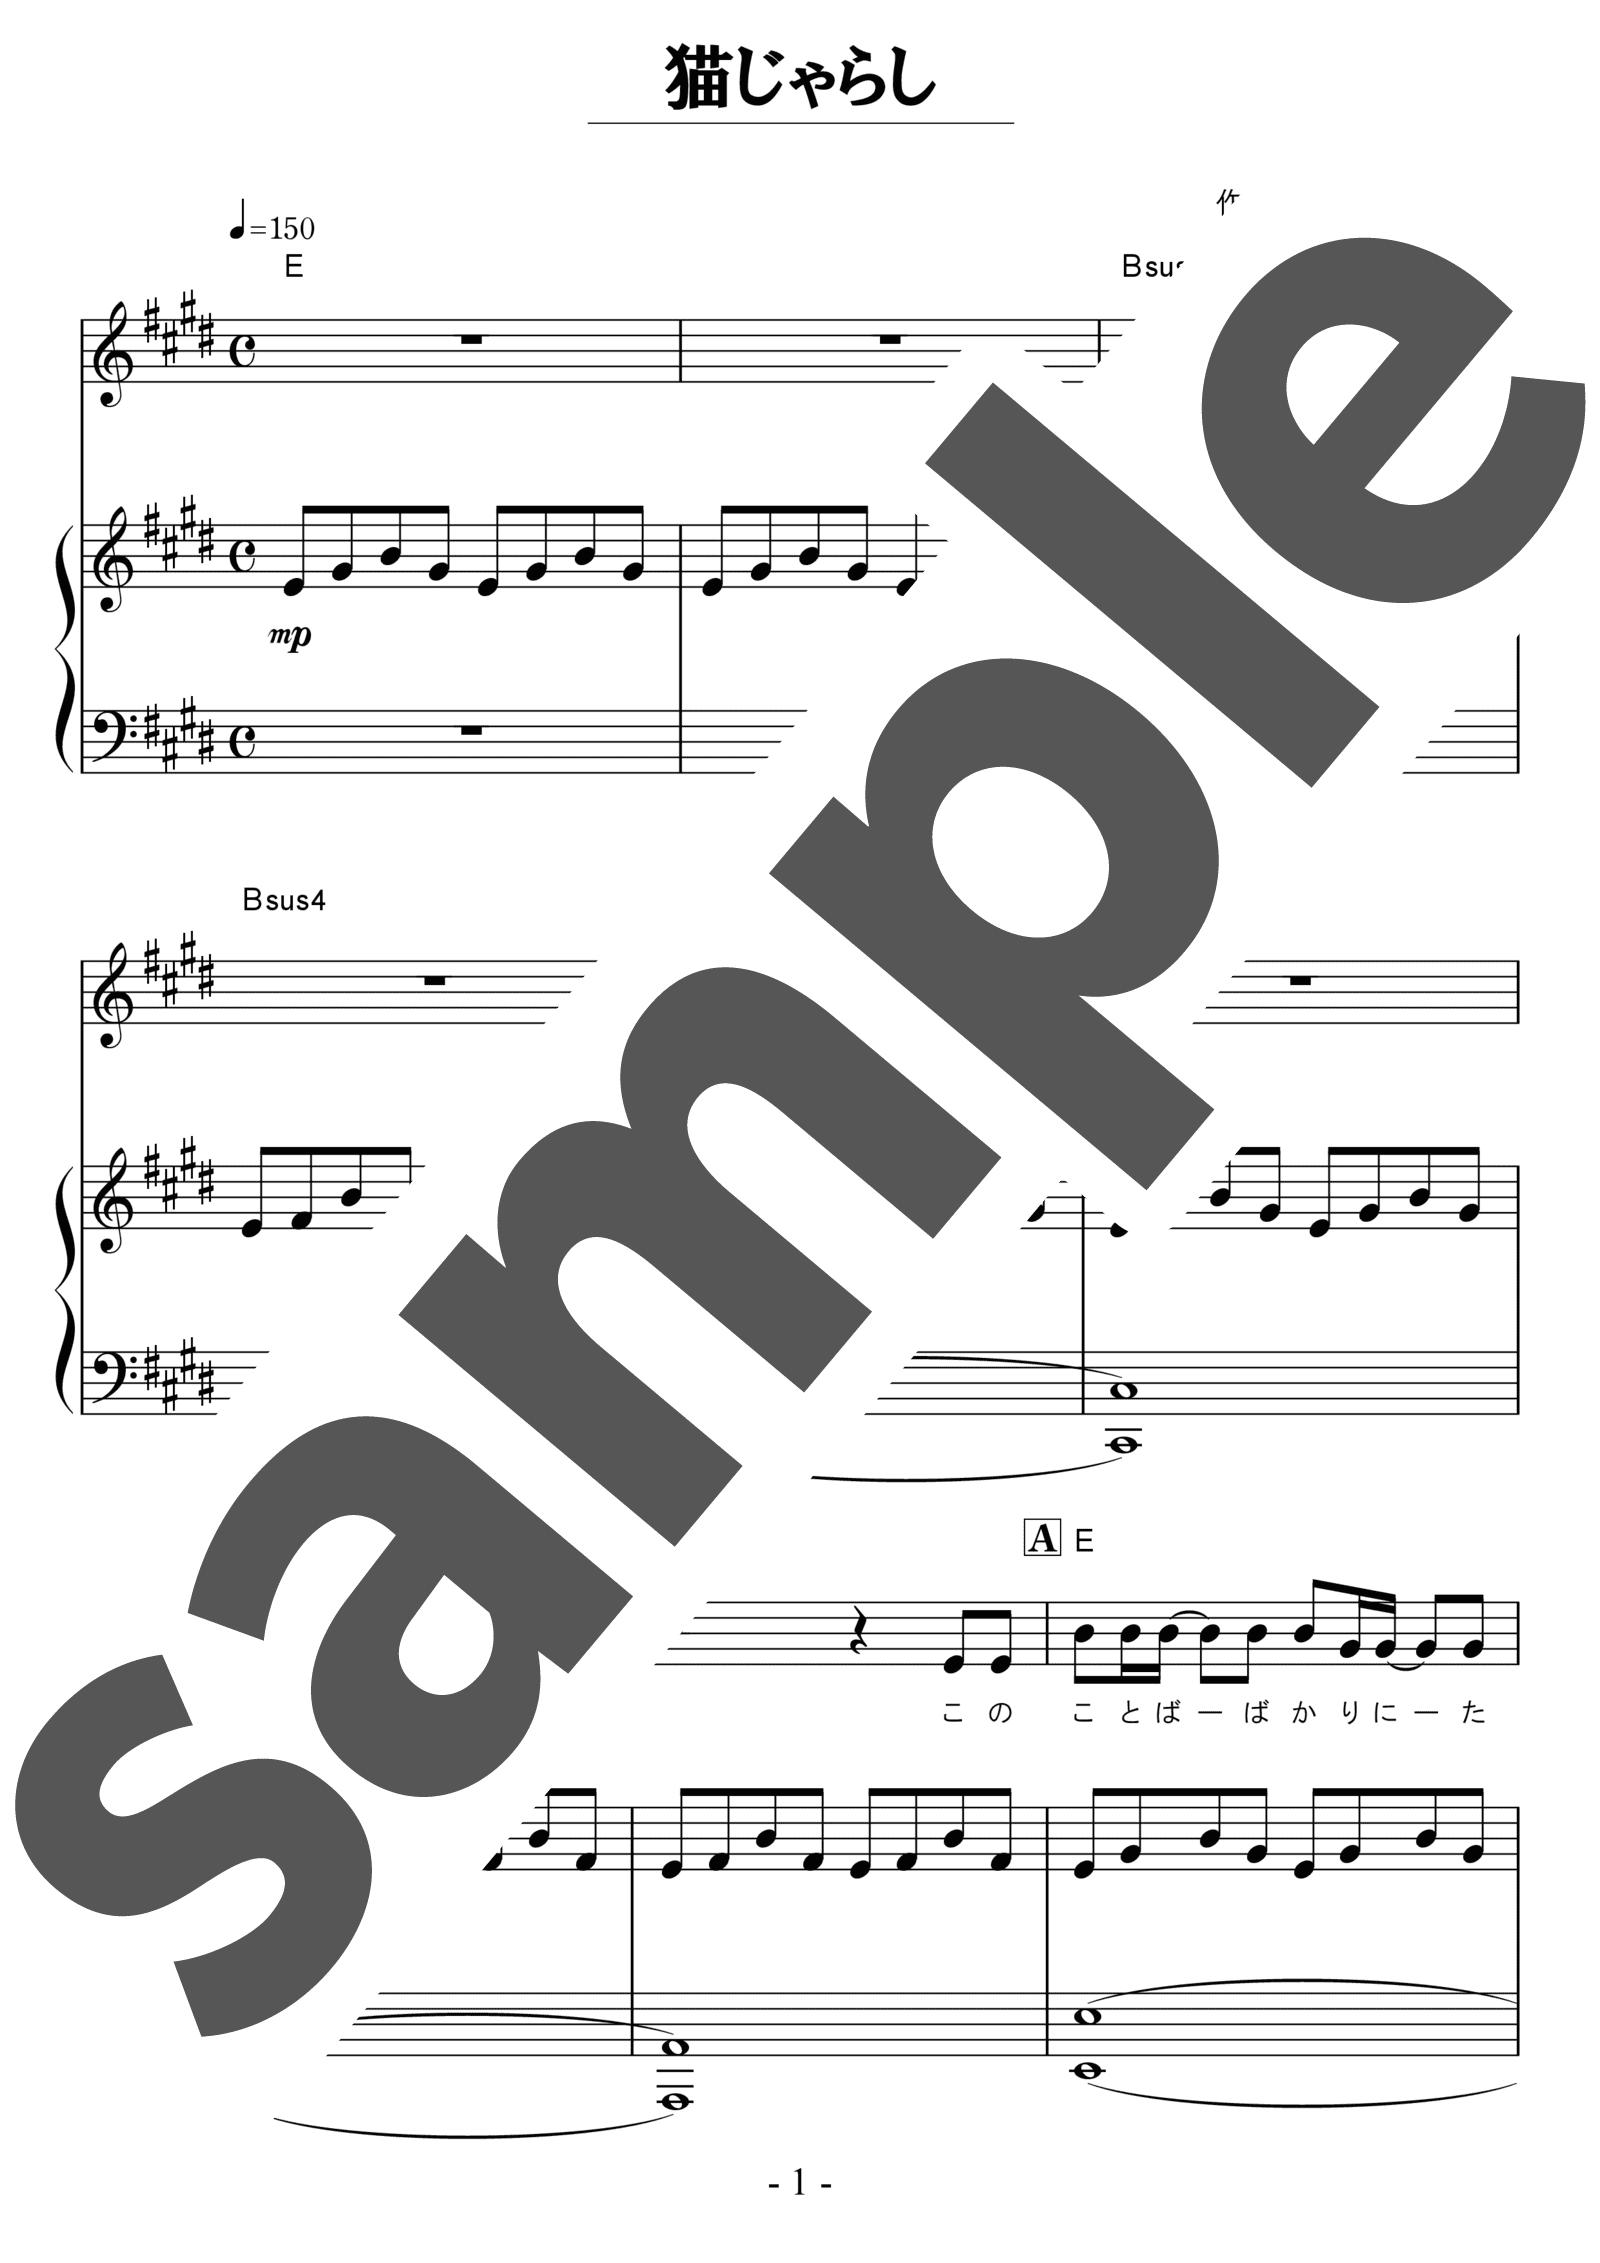 「猫じゃらし」のサンプル楽譜